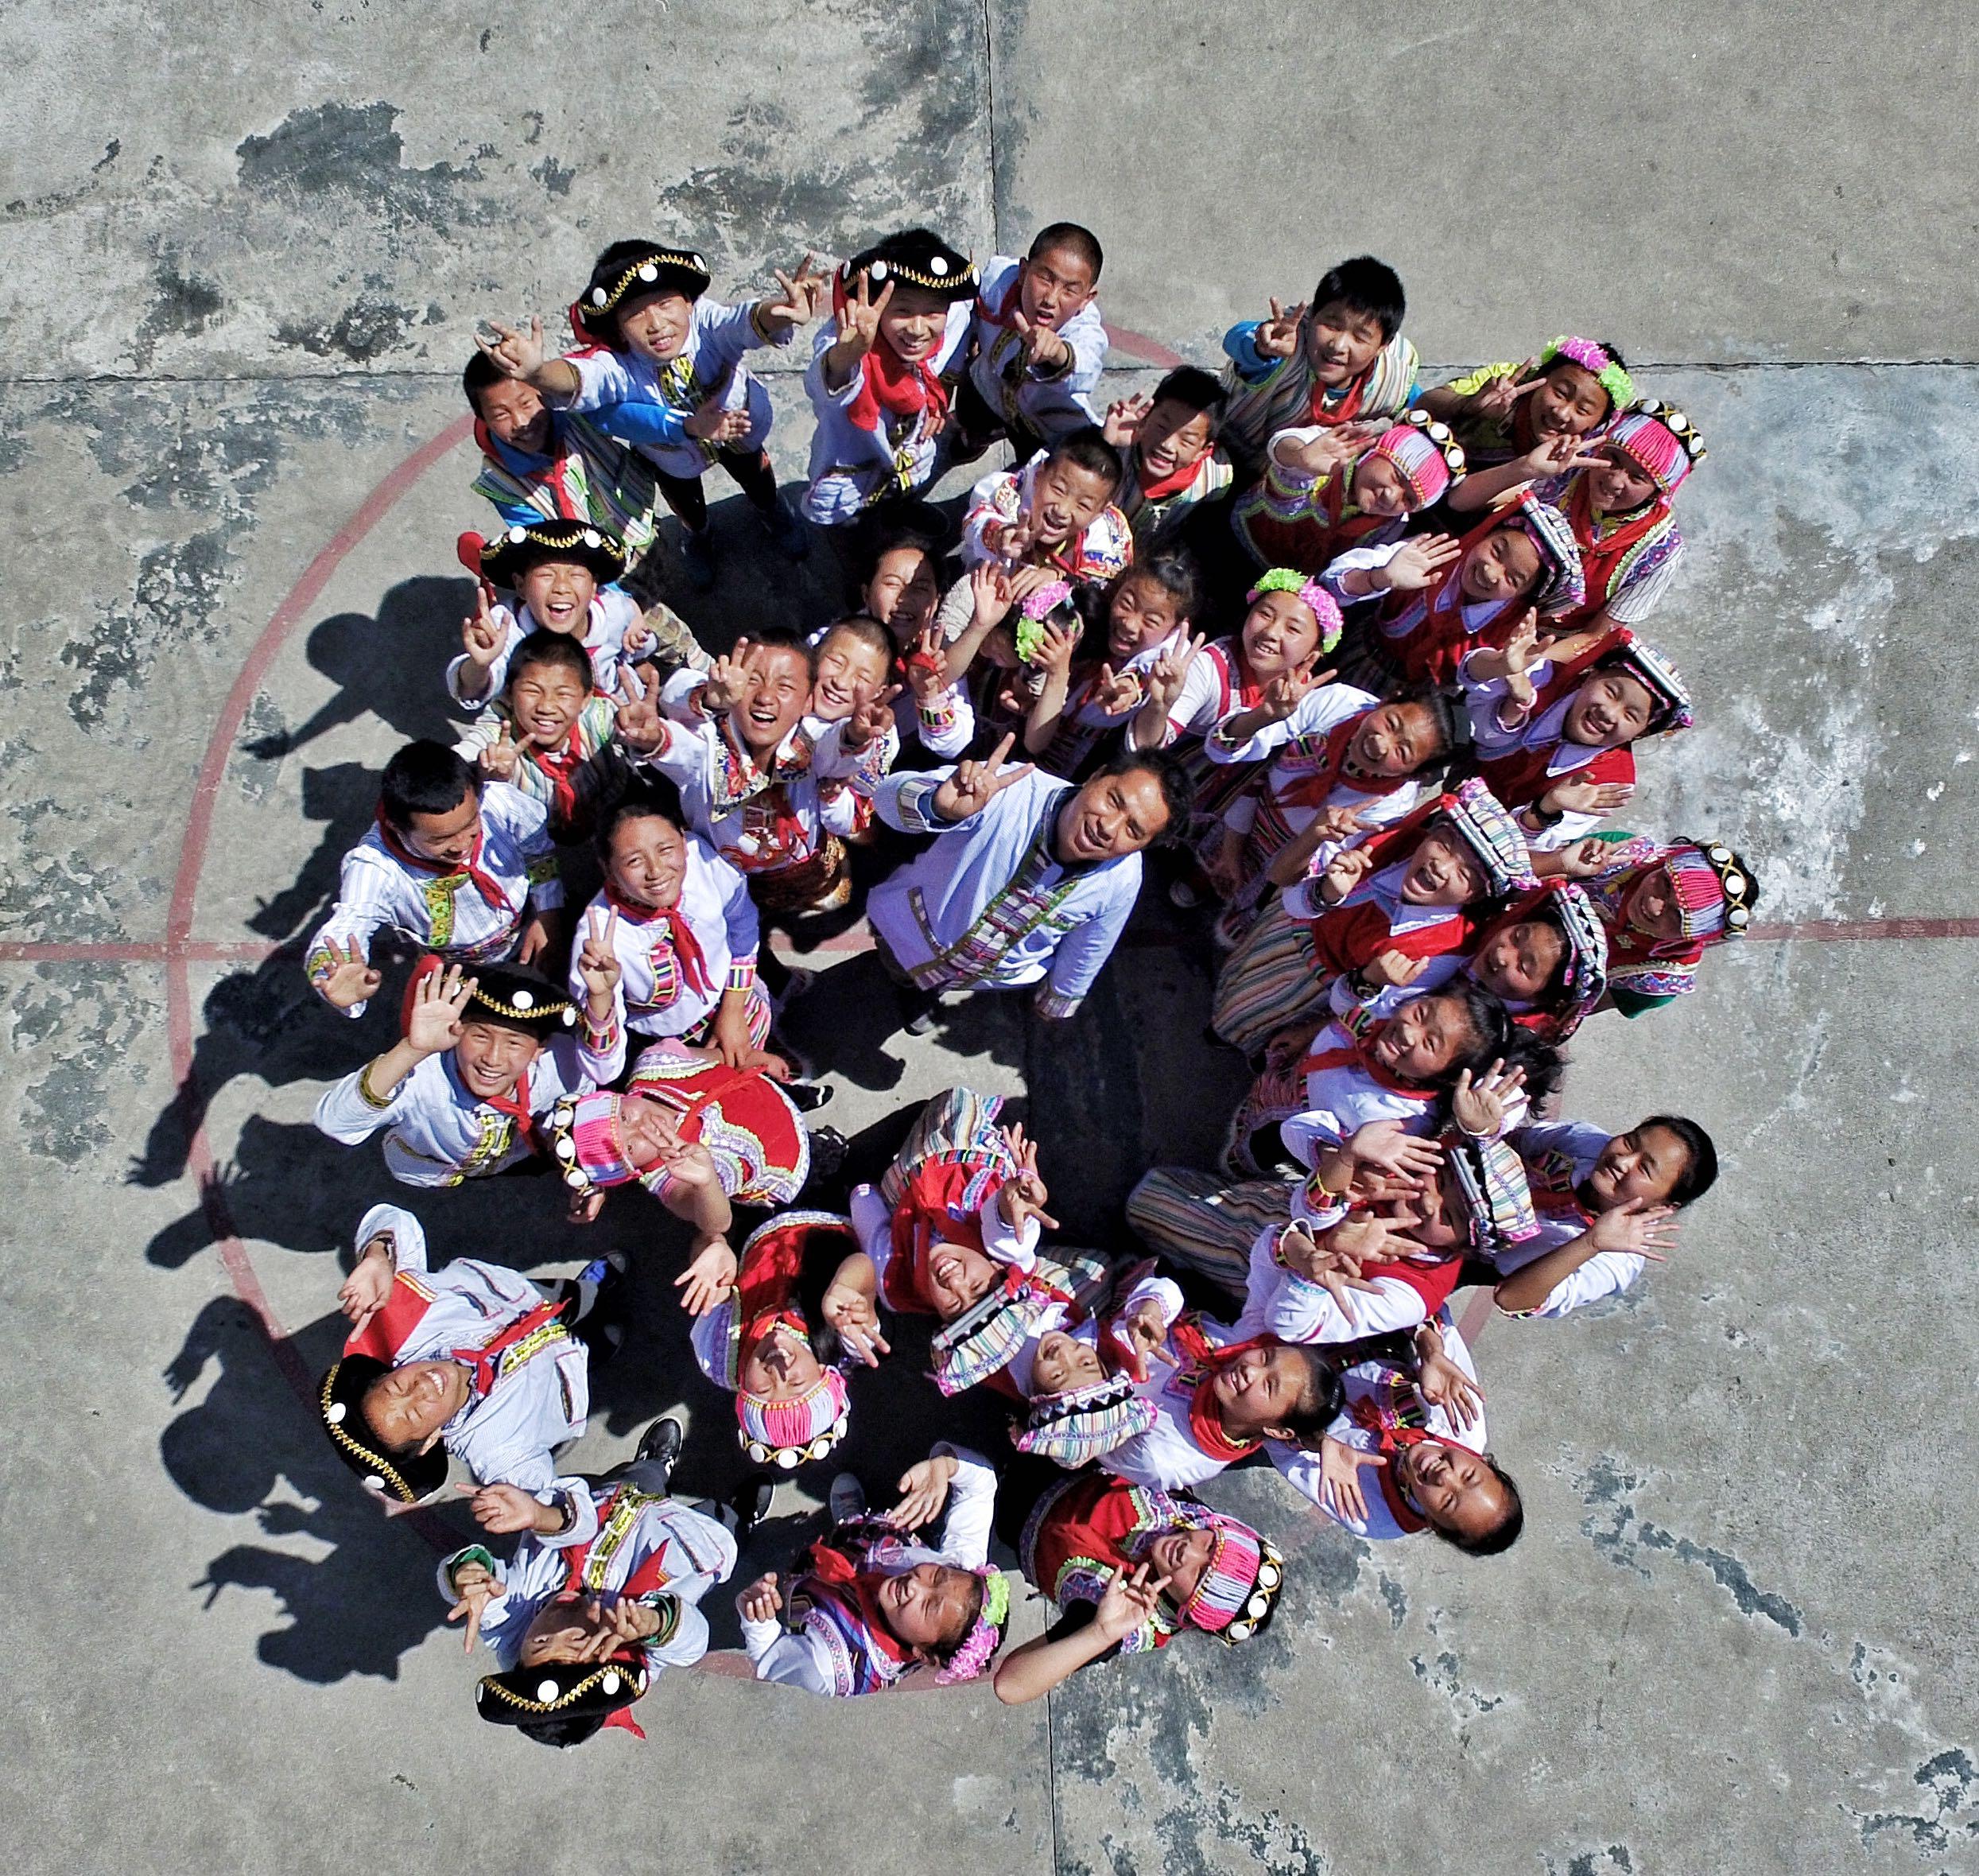 云南怒江。贡山县捧当乡,桑磊和孩子们在一起。(王警 摄)1